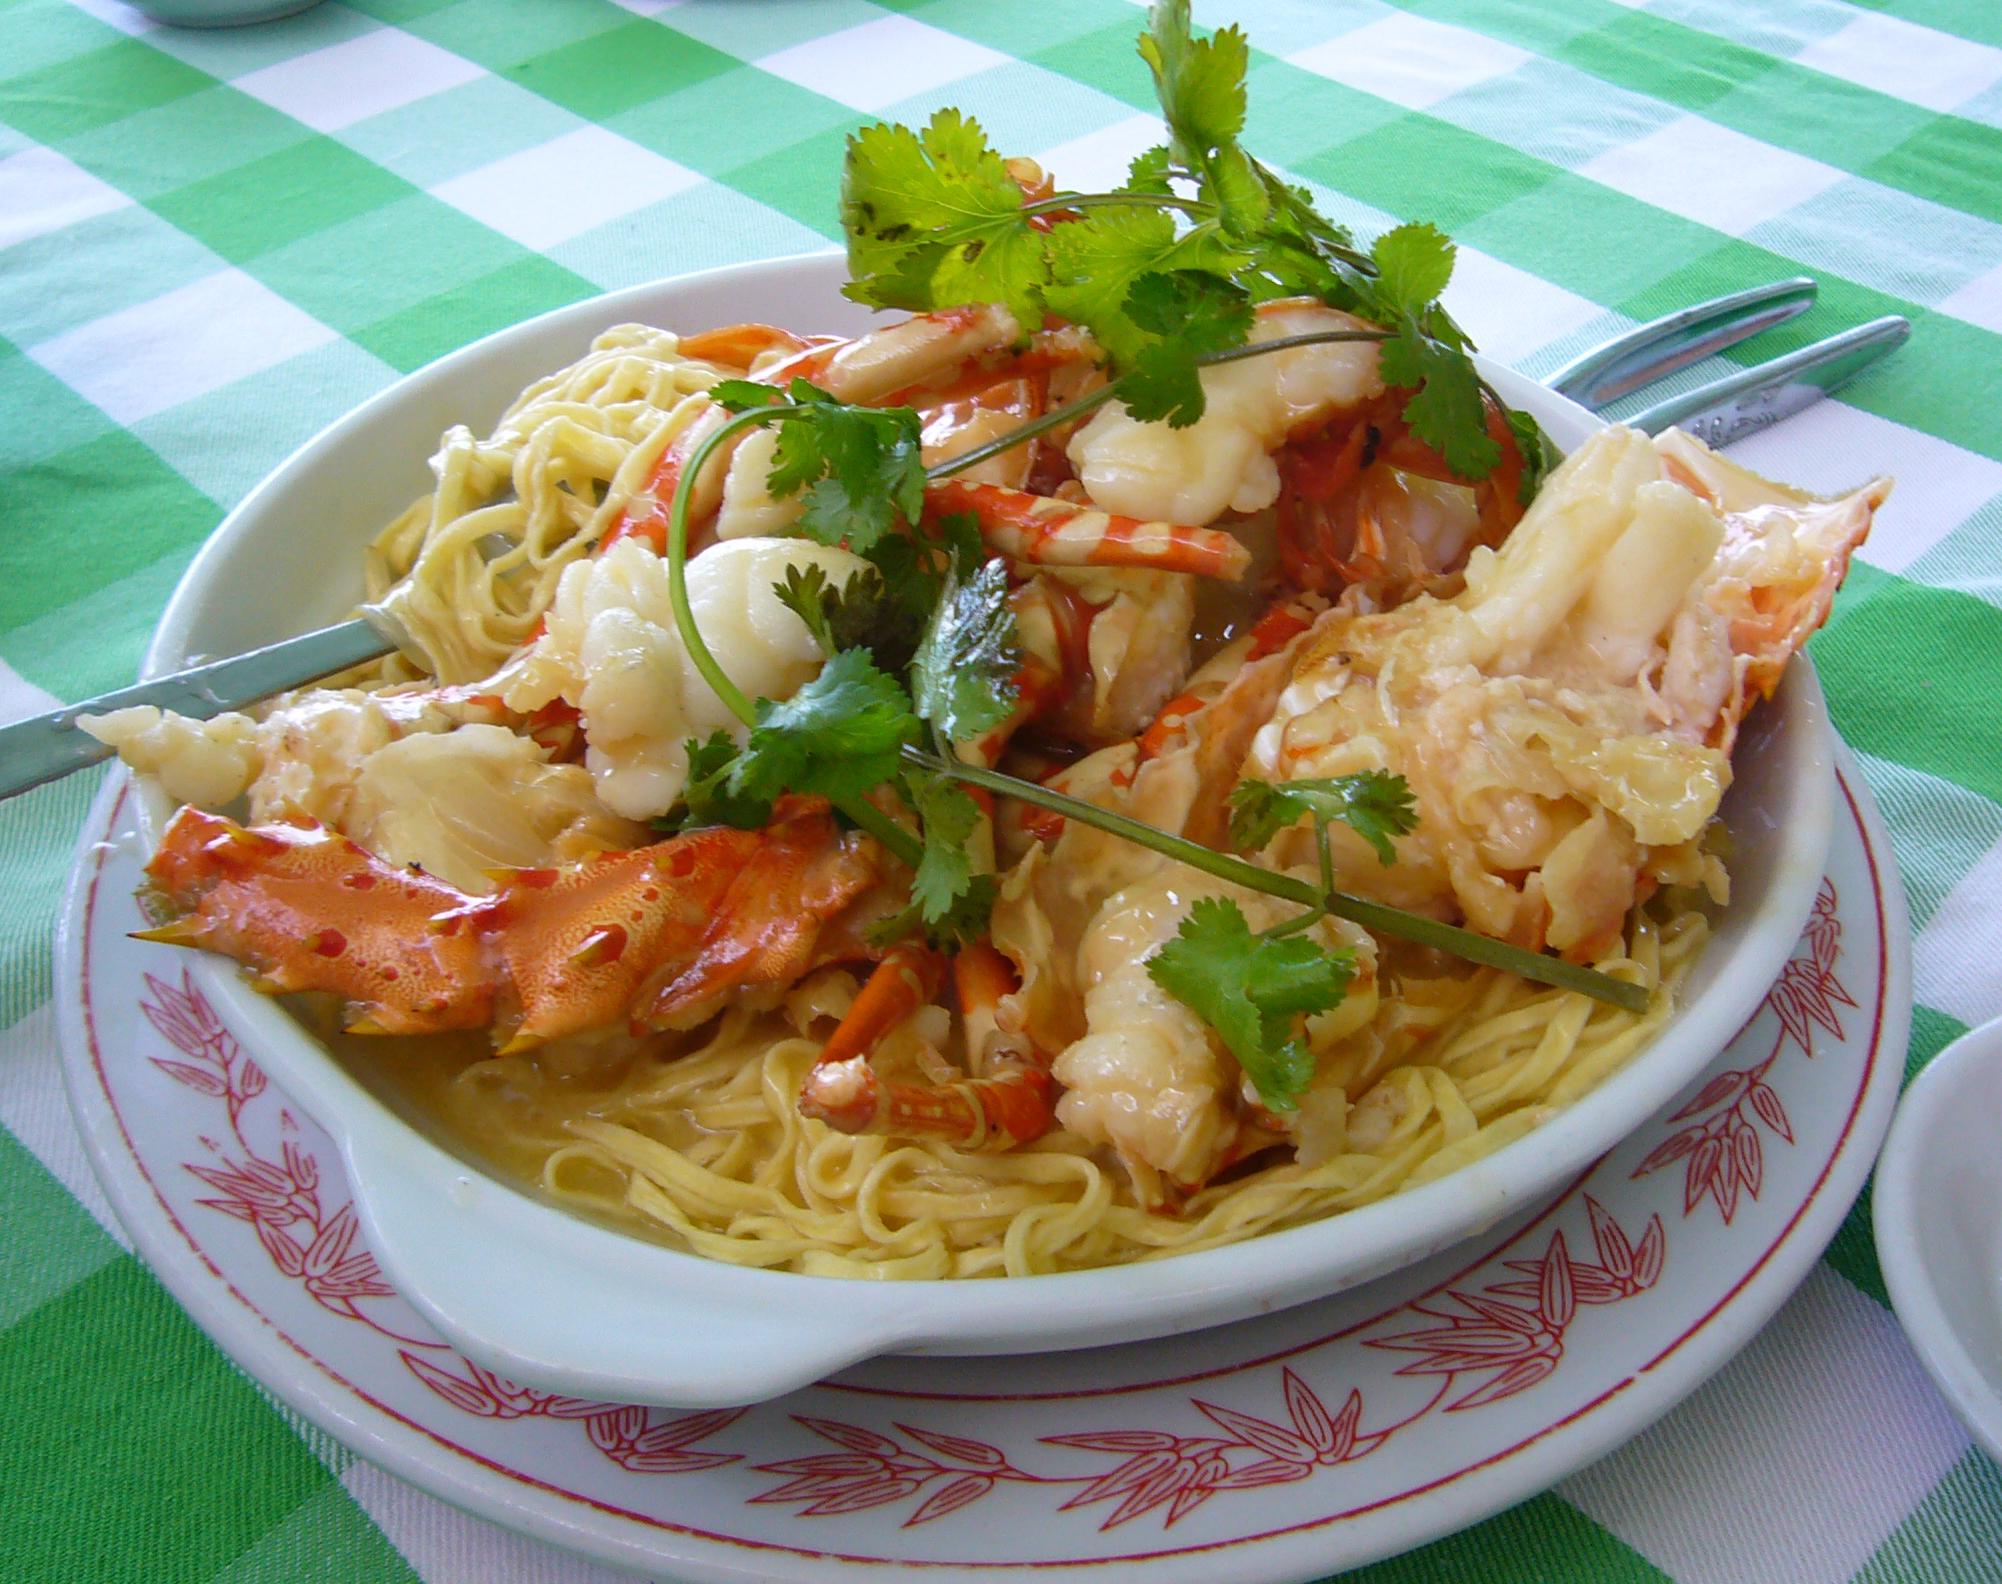 Restaurant Chinois L Isle Jourdain